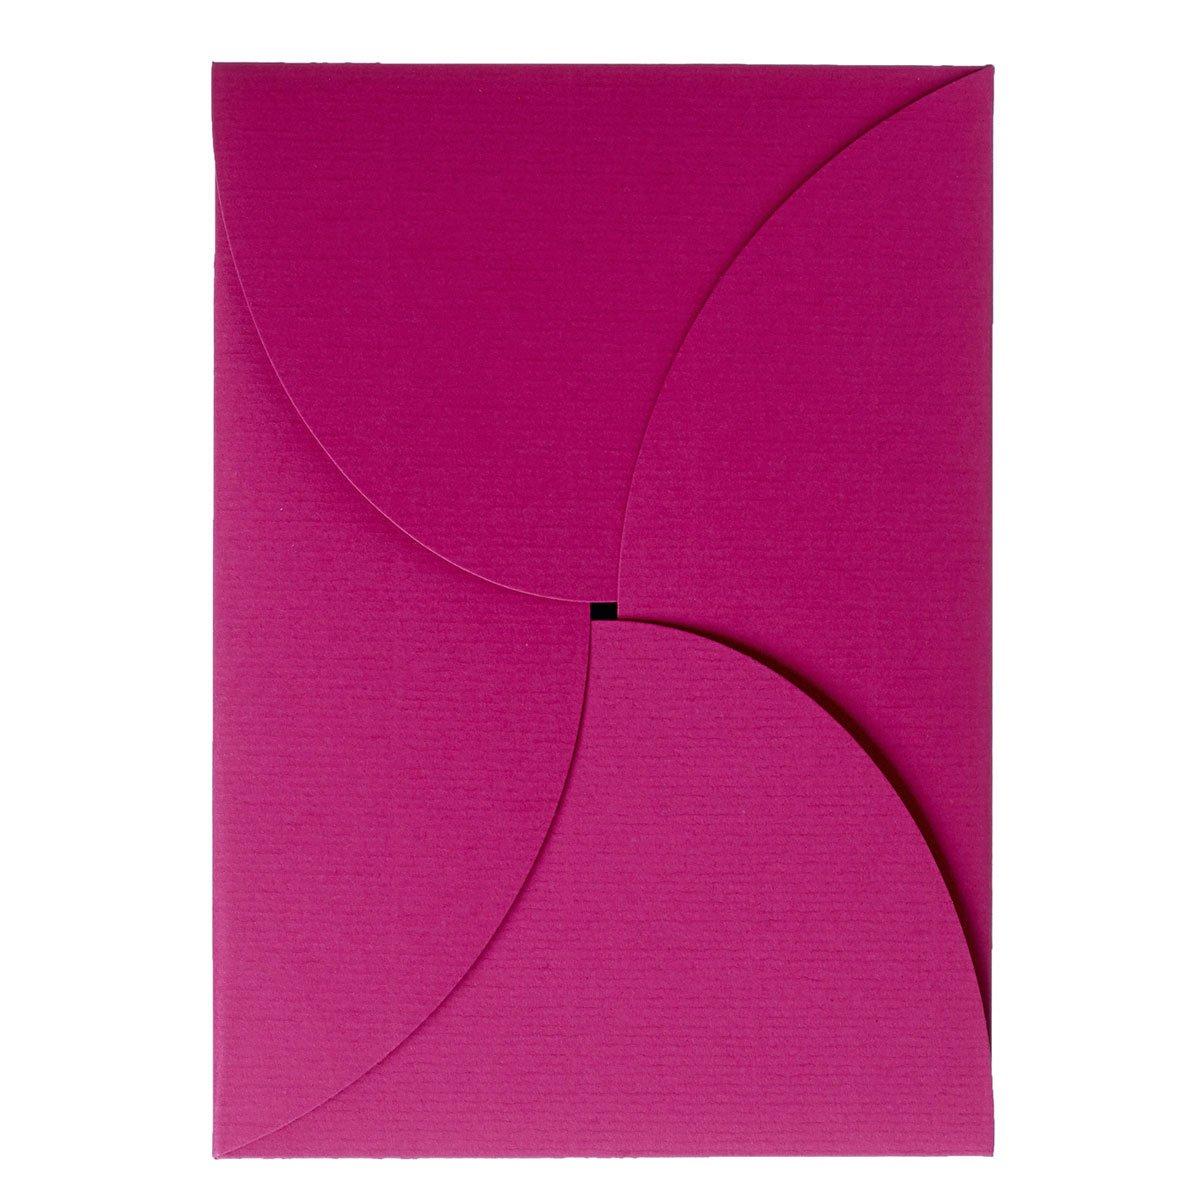 Rössler Papier - - P.S. Karte, Twist Twist Twist B6, Amarena gerippt, 220 g m² - Liefermenge  25 Stück B07CX57DF1 | Elegant Und Würdevoll  122540